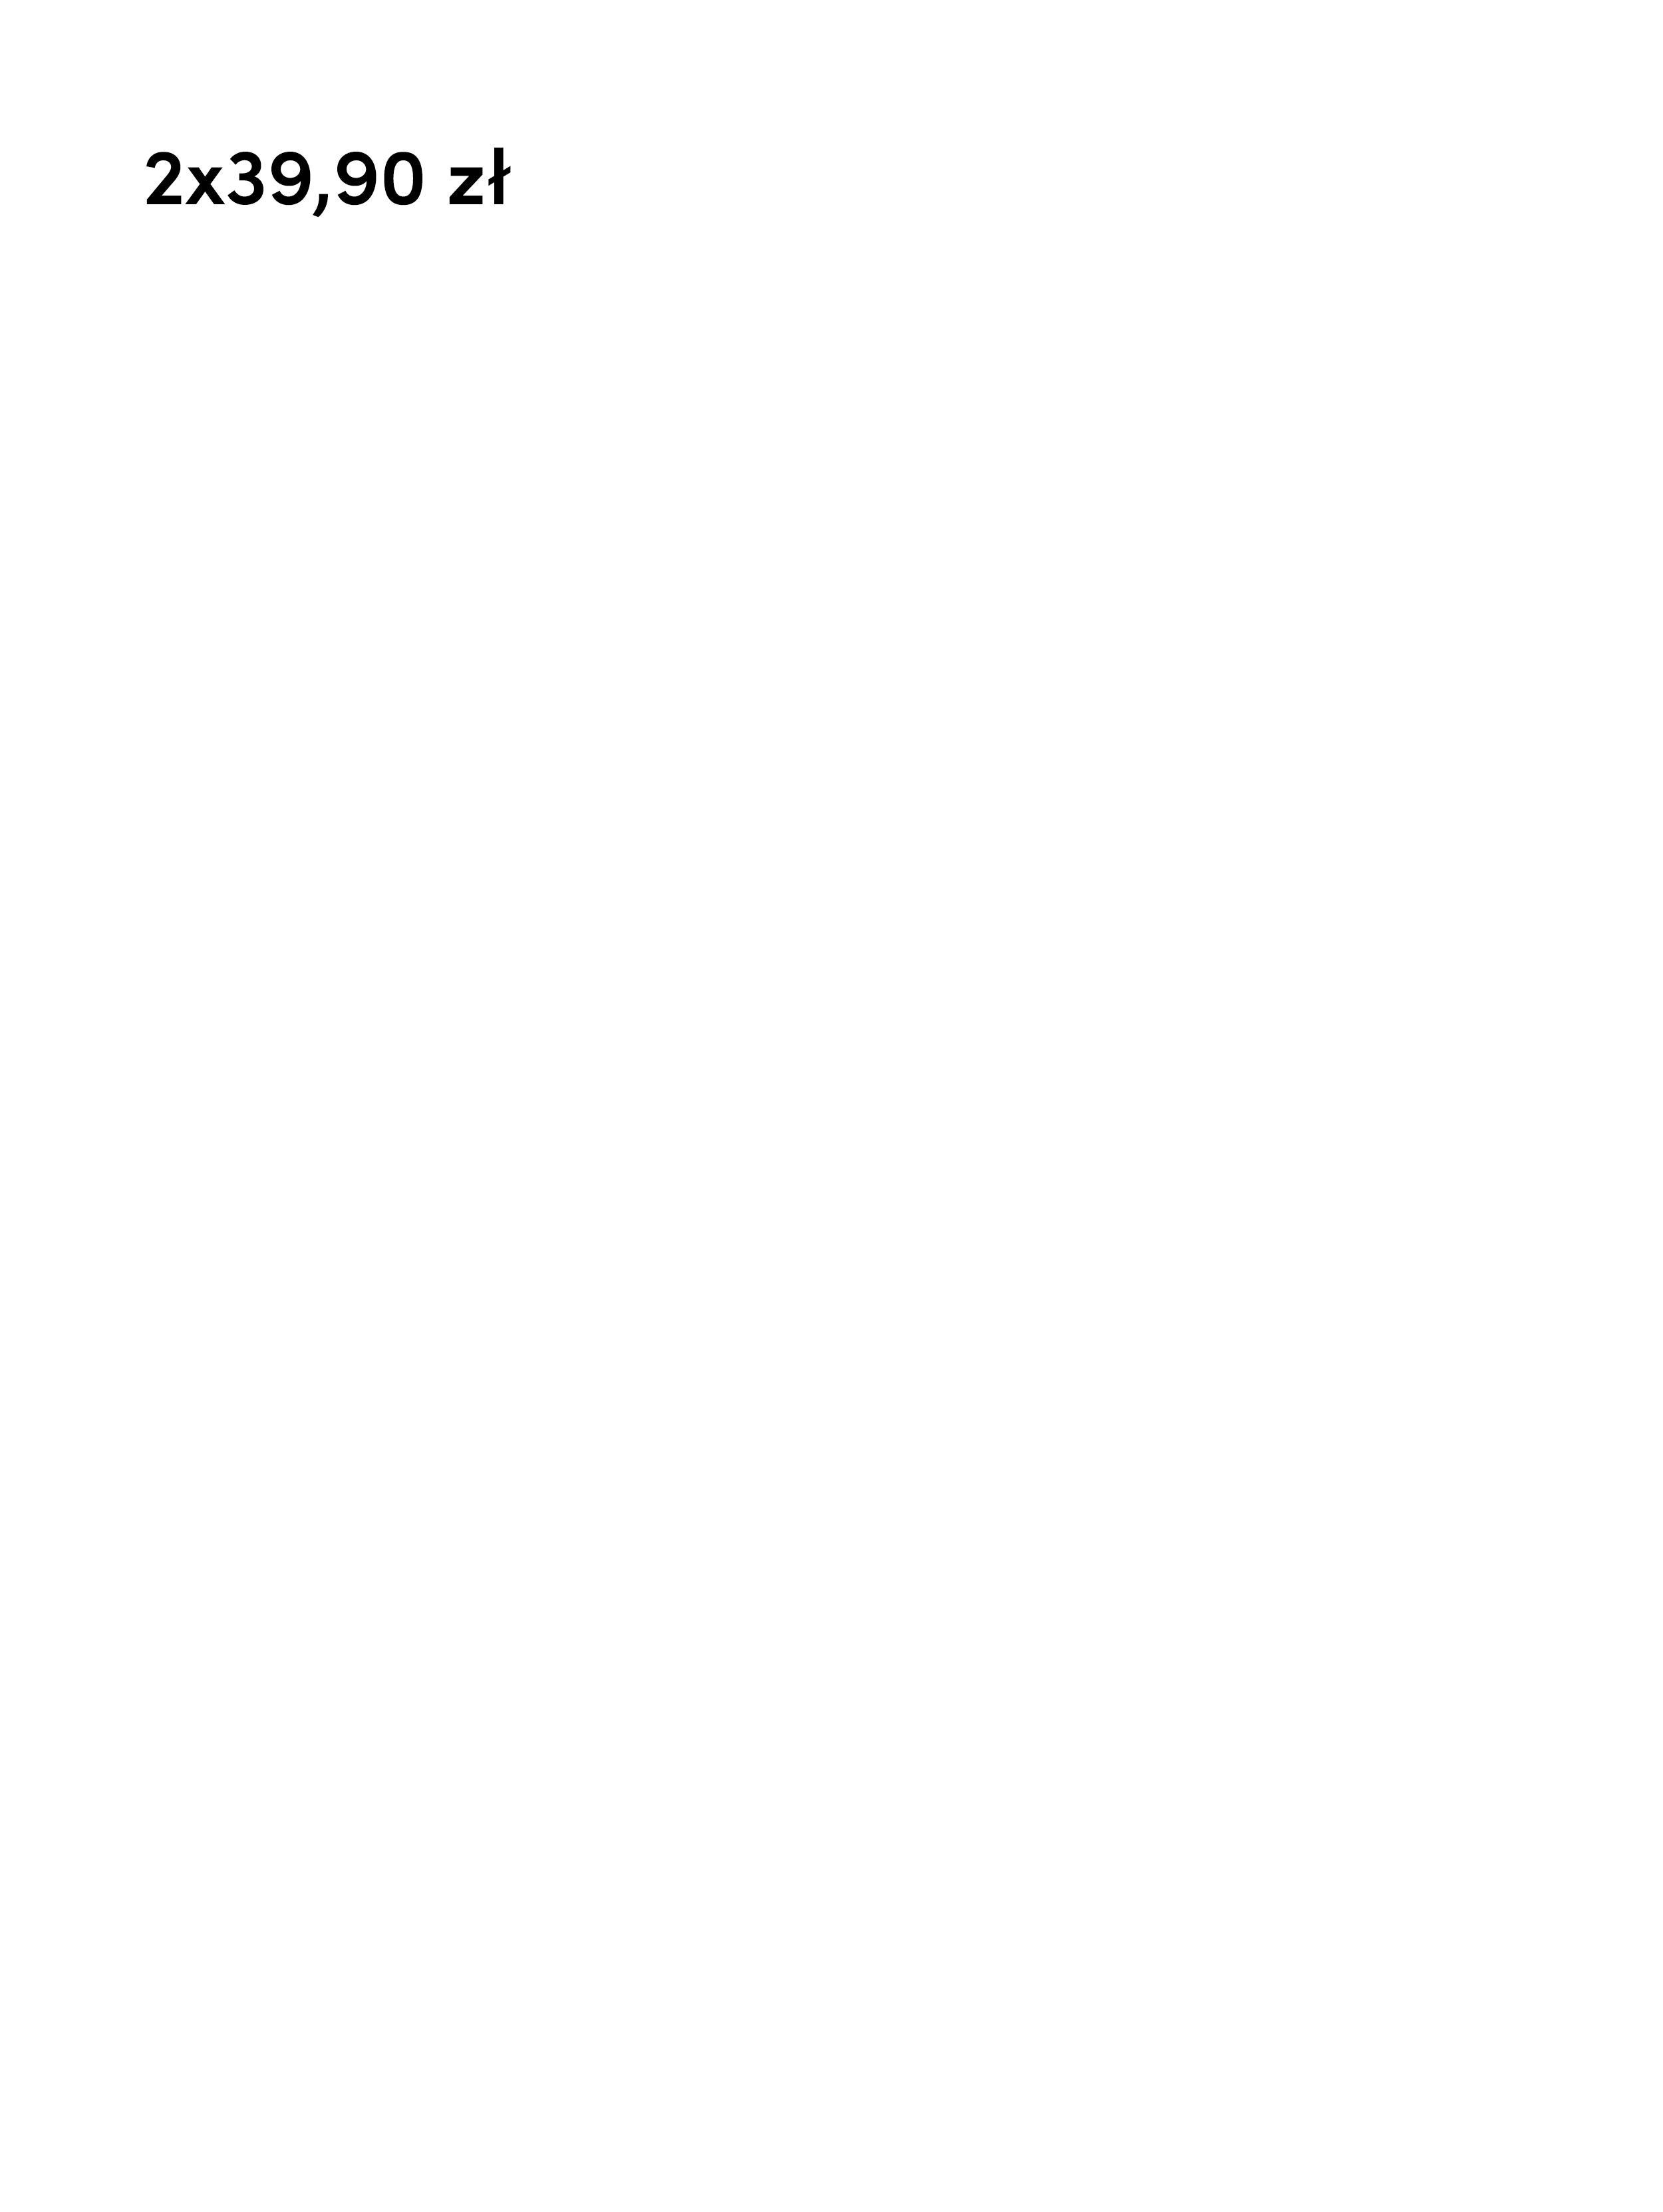 PL_2x39,90